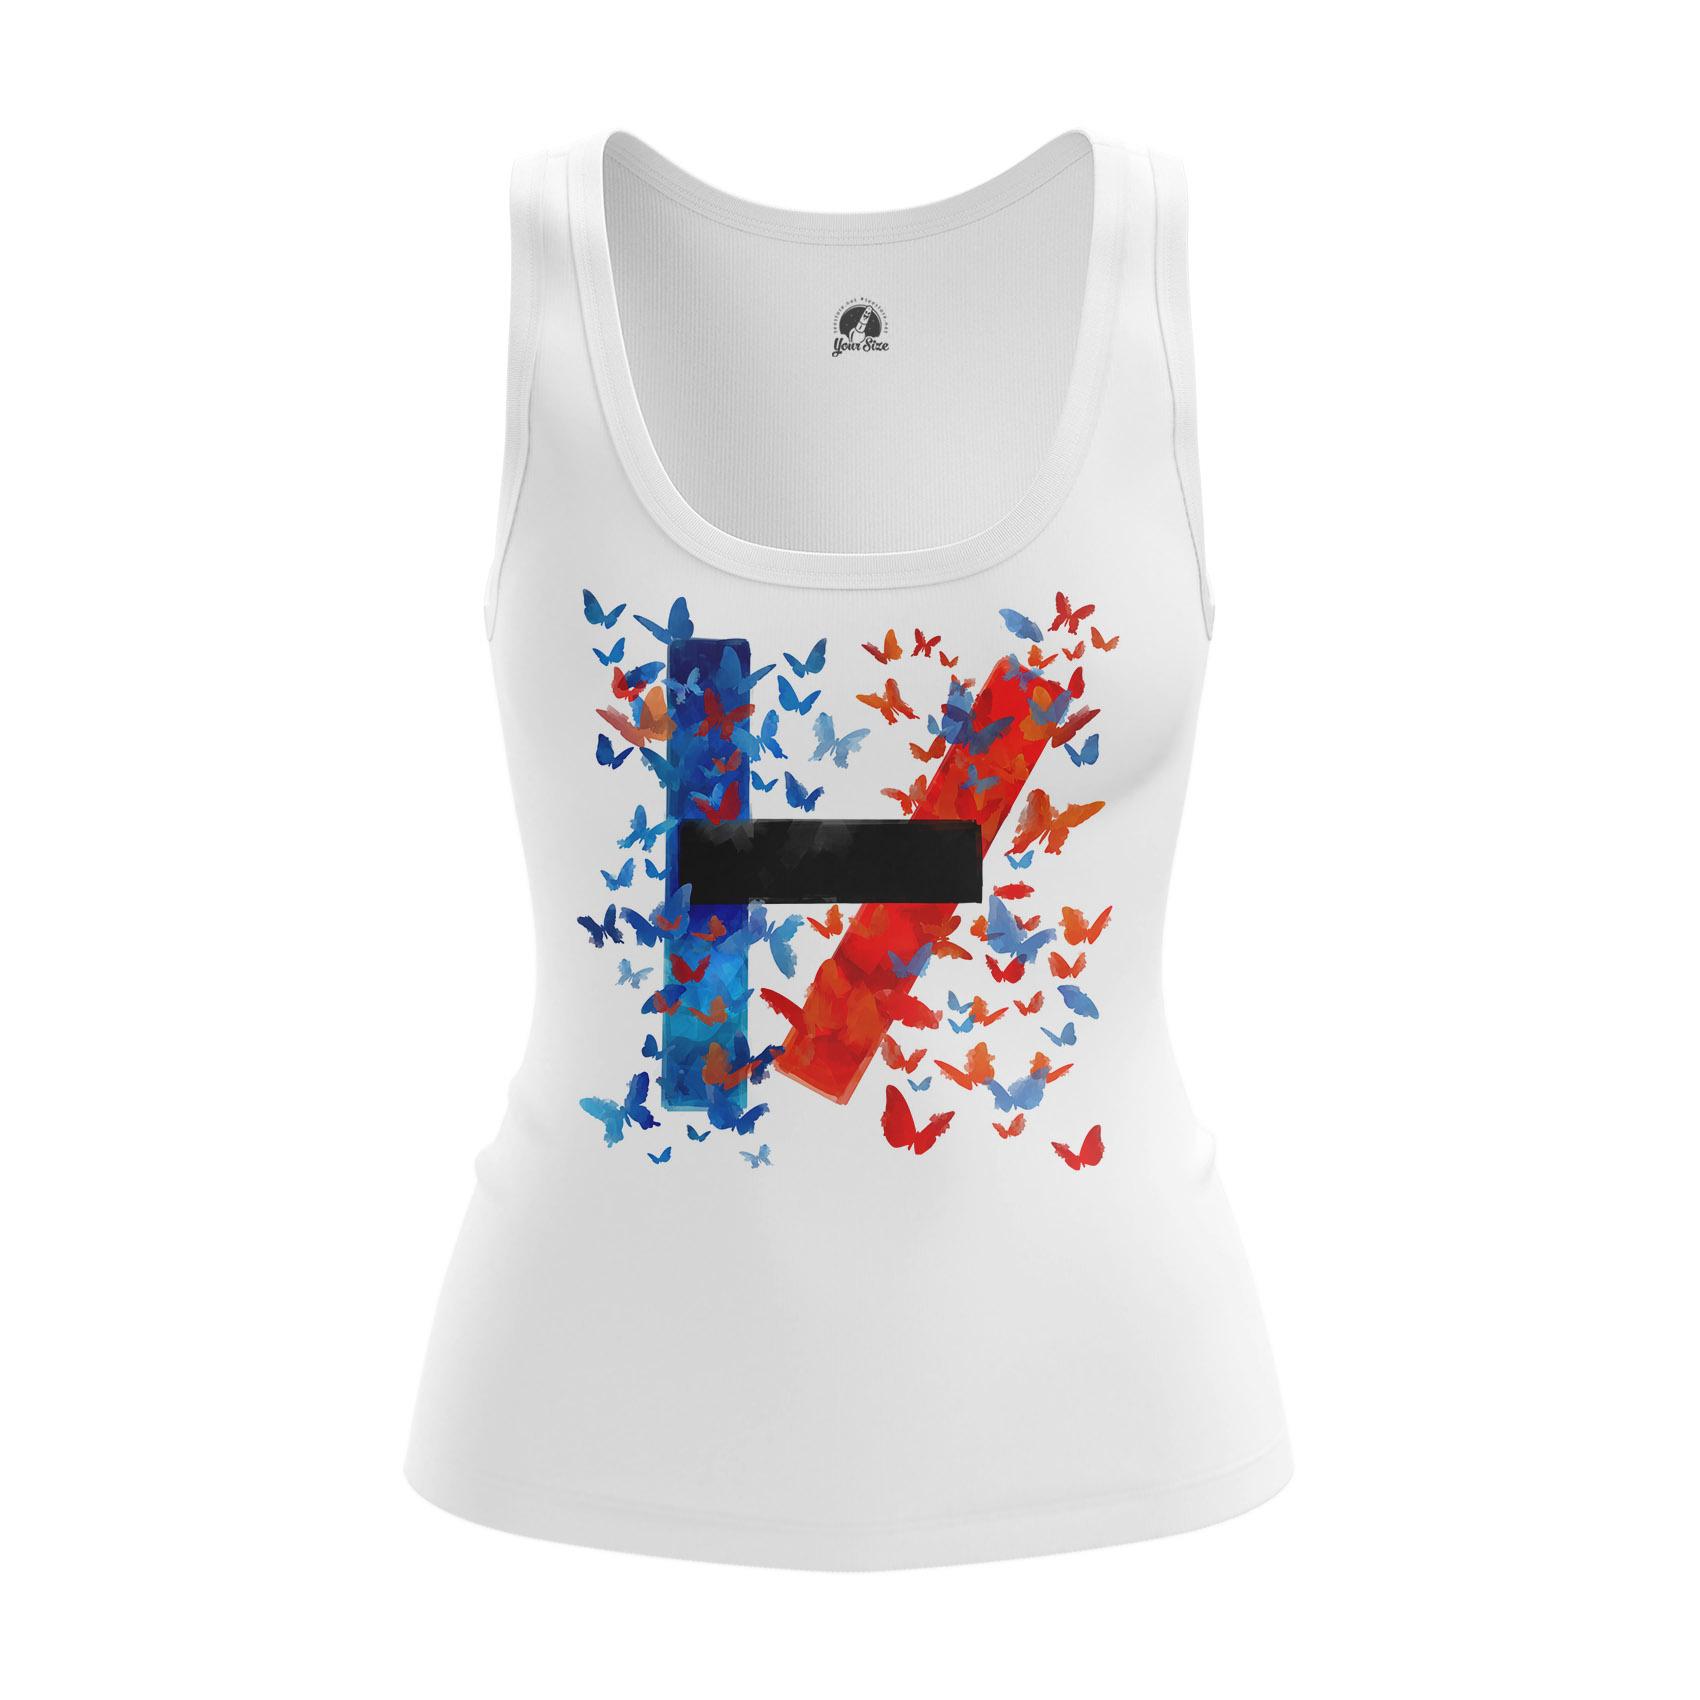 Merchandise Women'S Tank Twenty One Pilots Logo Shirts Clothes Vest